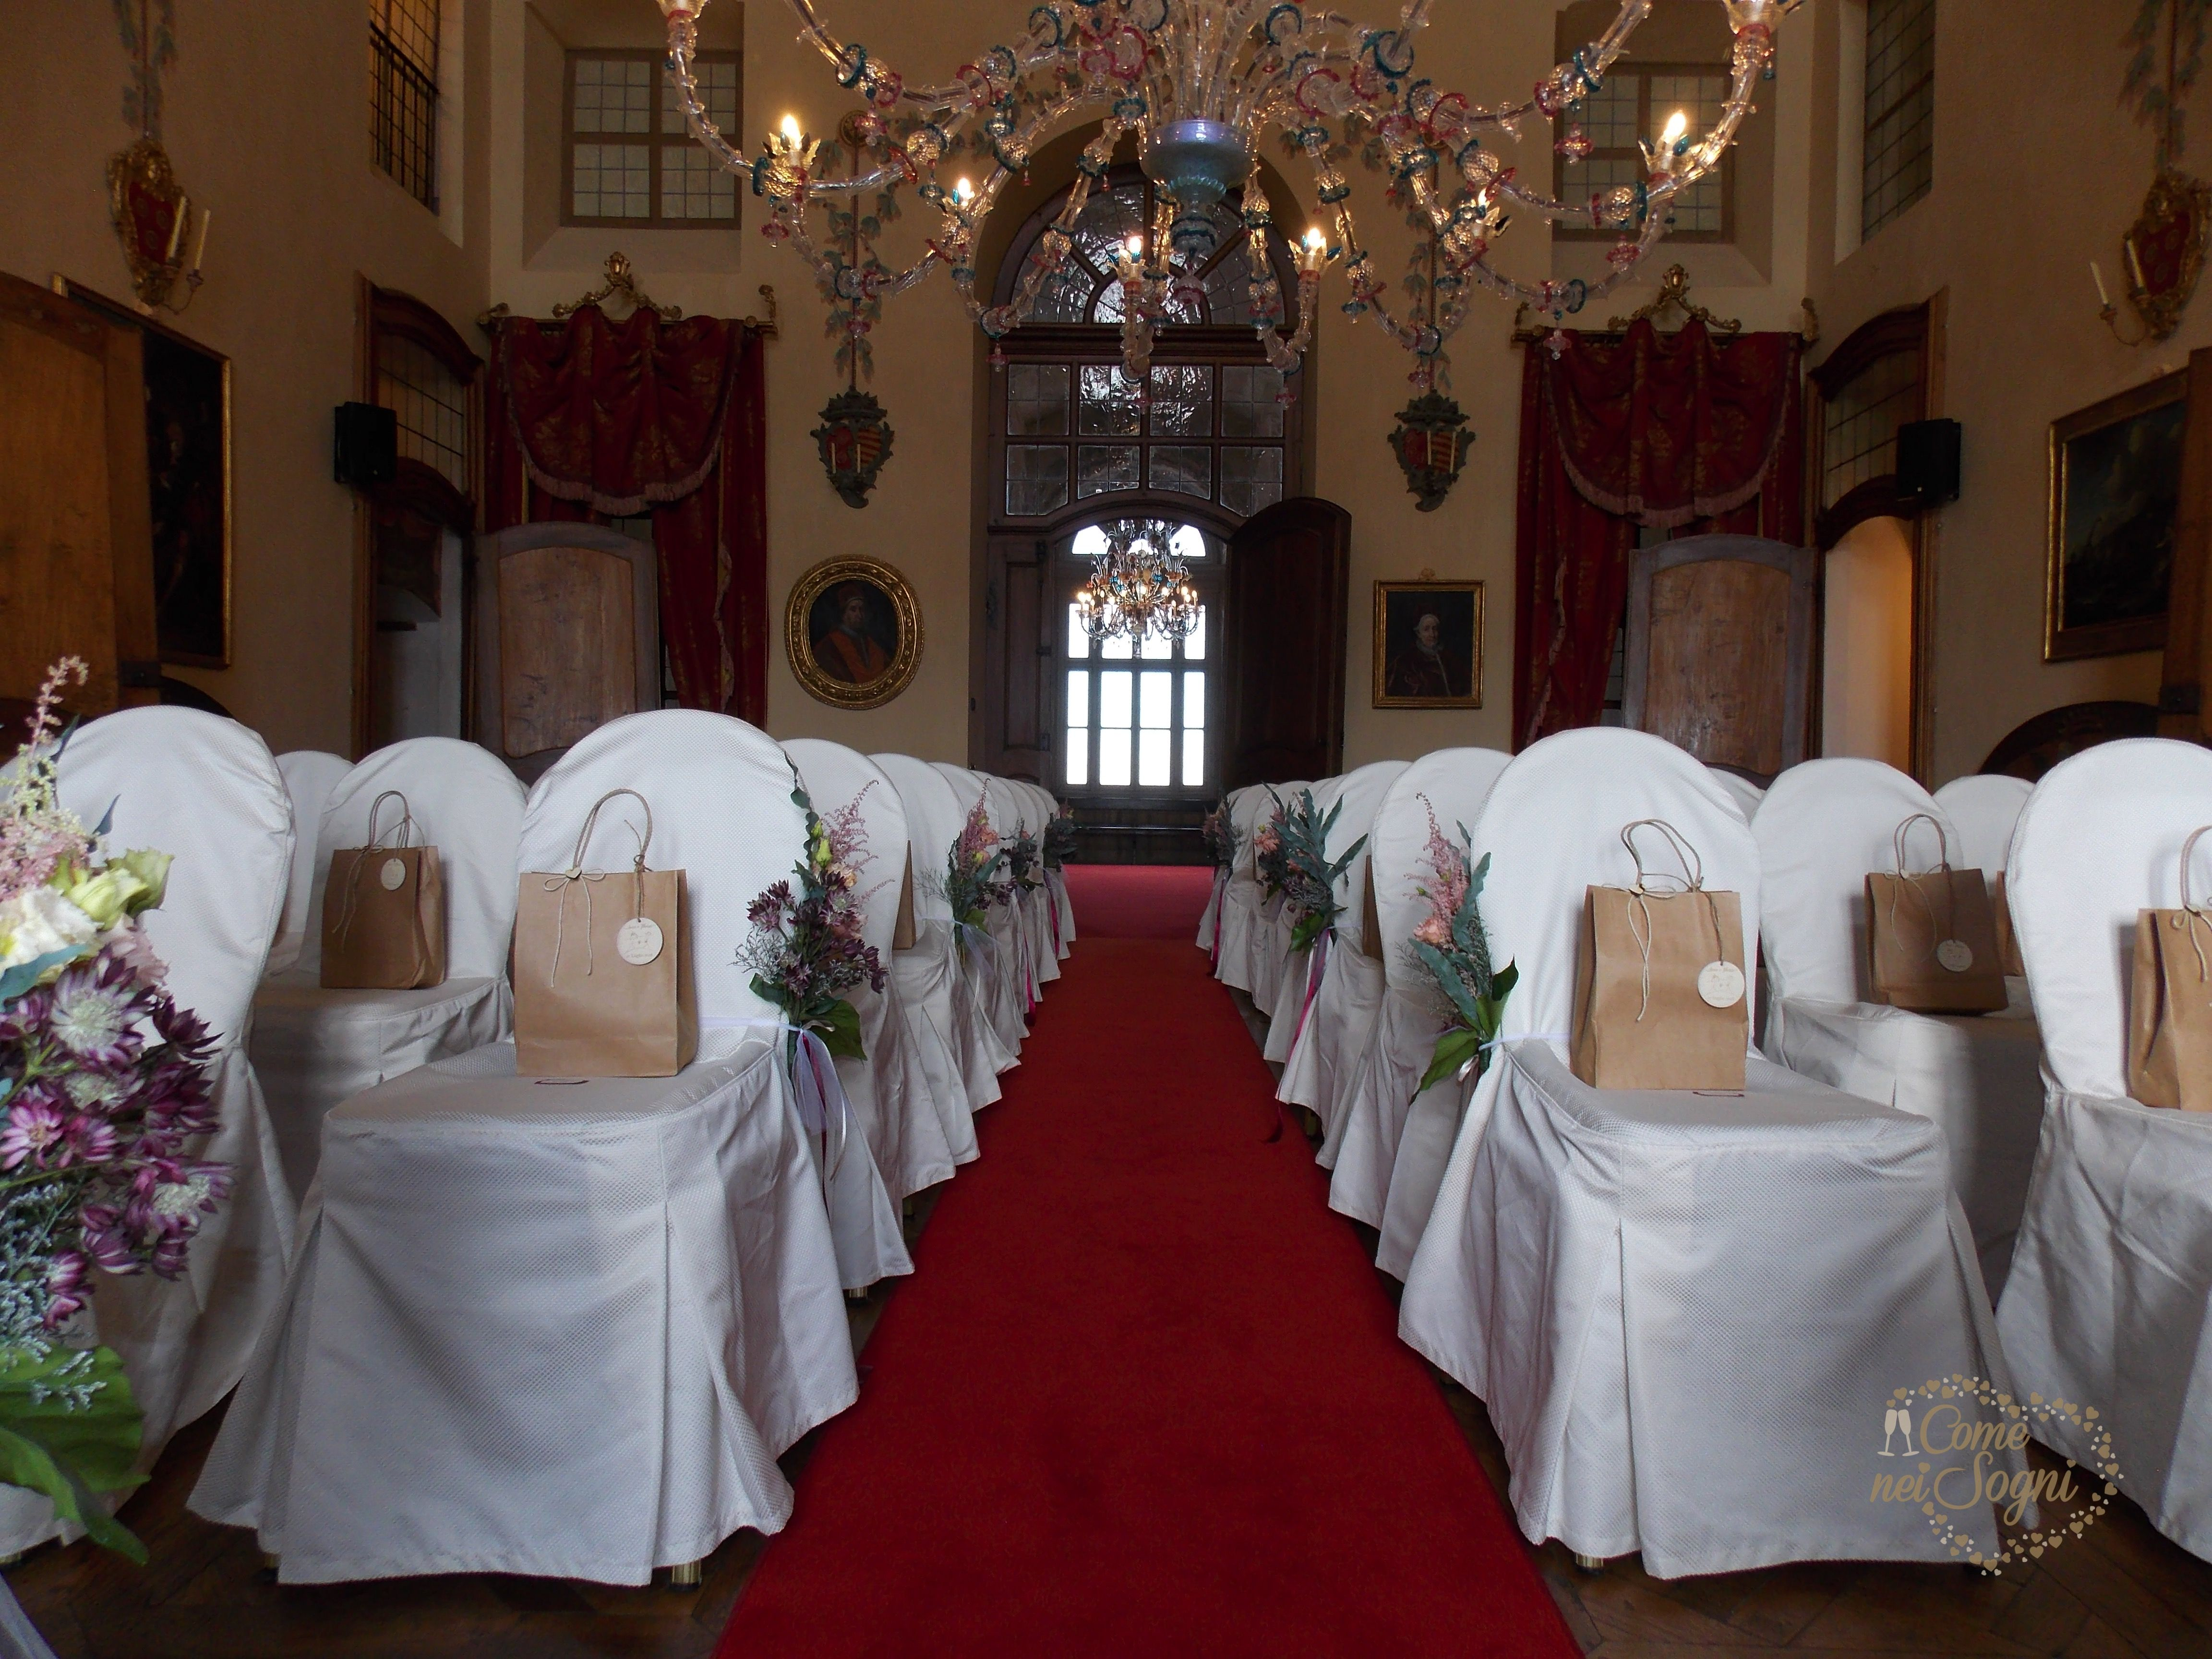 12 2 Idee Originali Per Un Matrimonio Indimenticabile Wedding Planner Matrimonio Planner